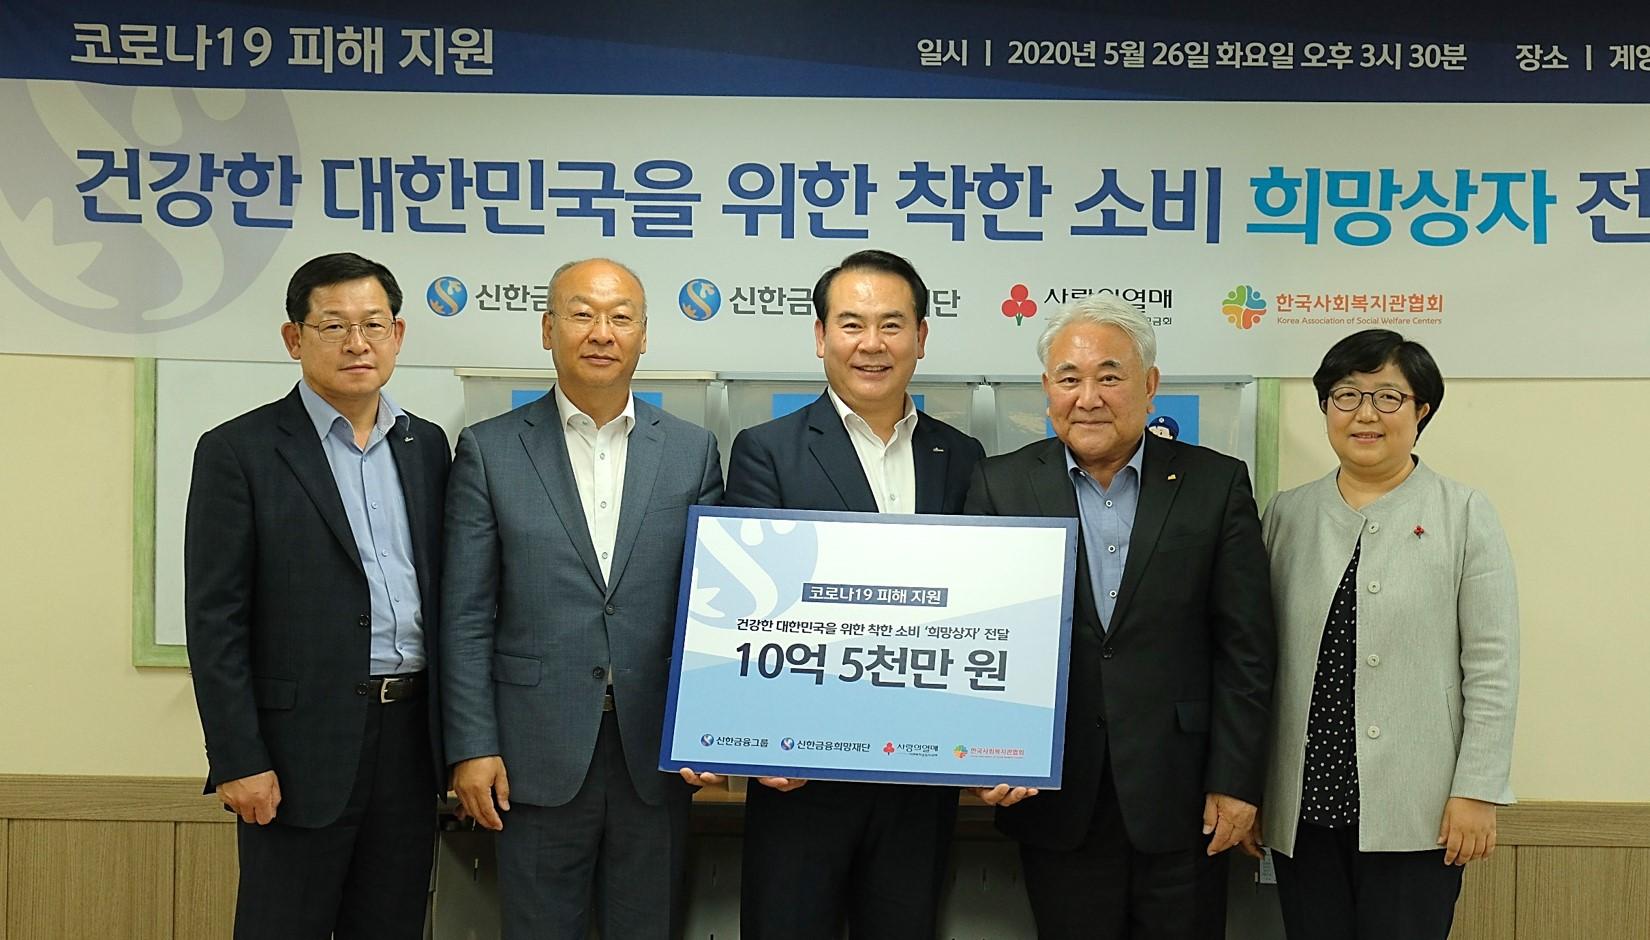 5월26일 계양종합사회복지관에서 신한금융그룹, 사회복지공동모금회, 한국사회복지관협회와 함께 'Hope Together 2차 캠페인-희망상자 전달식'을 진행했다.